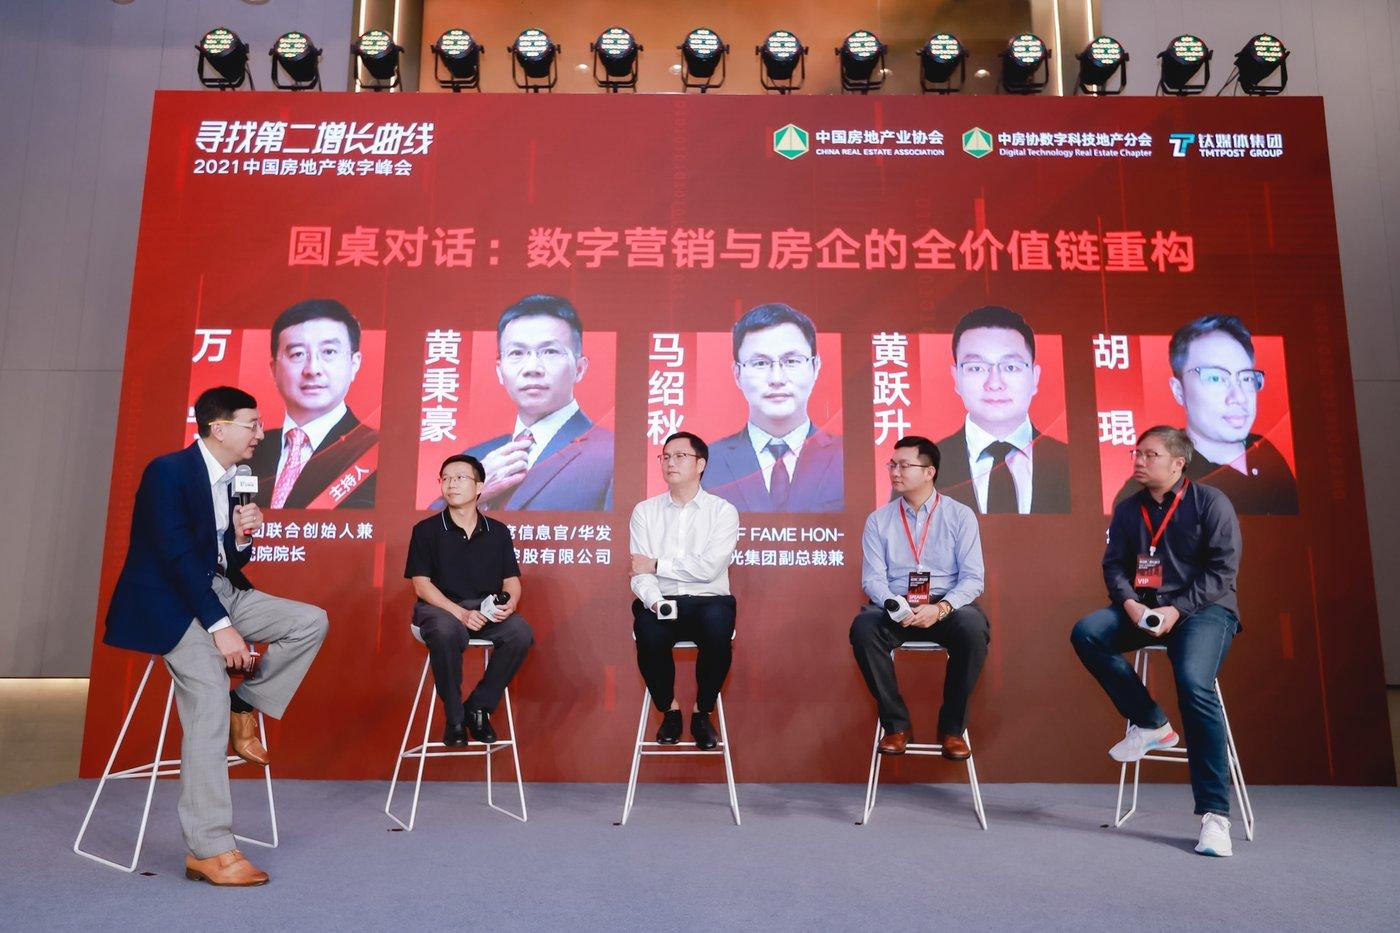 2021中国房地产数字峰会-营销分会场圆桌嘉宾